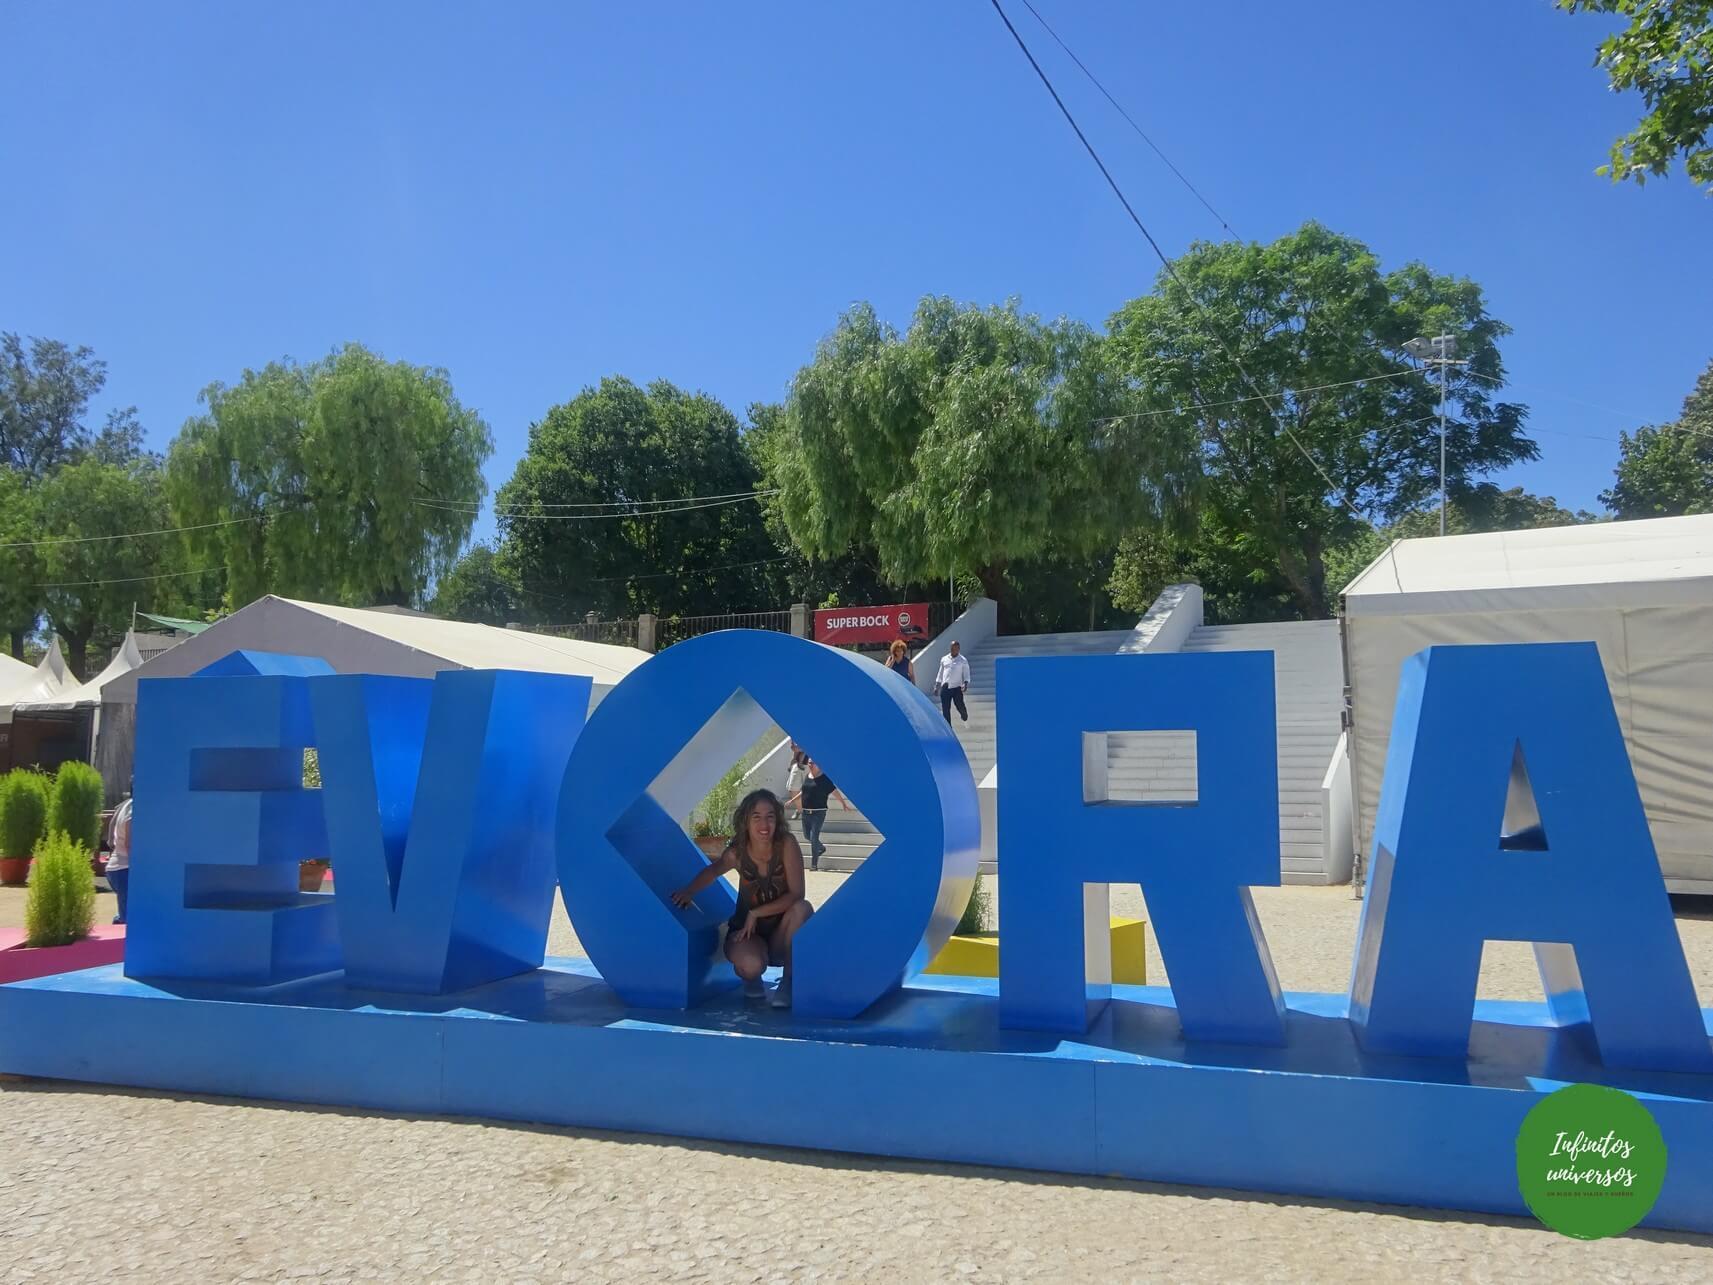 Qué ver y hacer en Évora